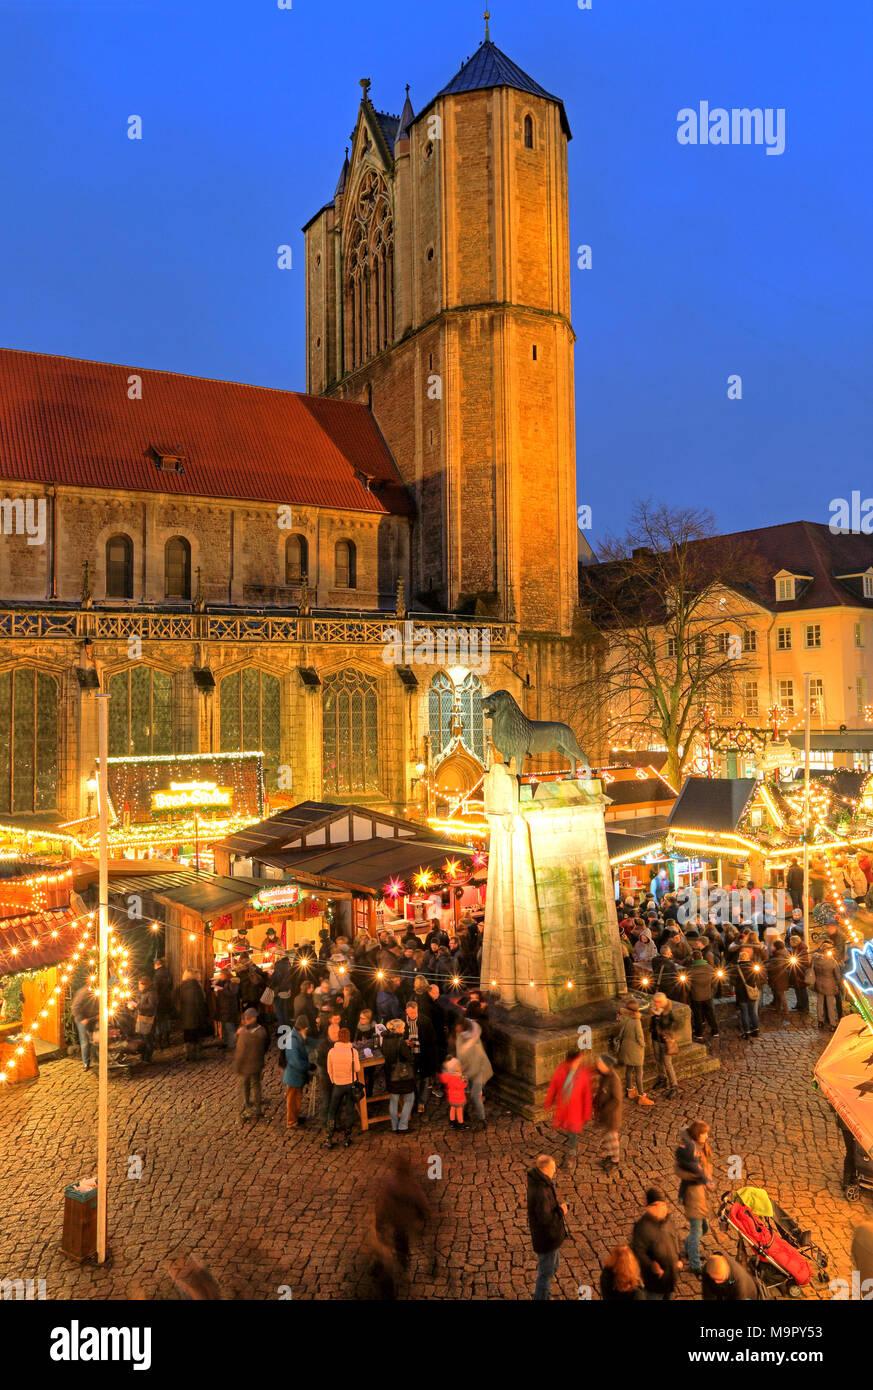 Weihnachtsmarkt Braunschweig.Weihnachtsmarkt Am Burgplatz Mit Dom Und Braunschweiger Löwe